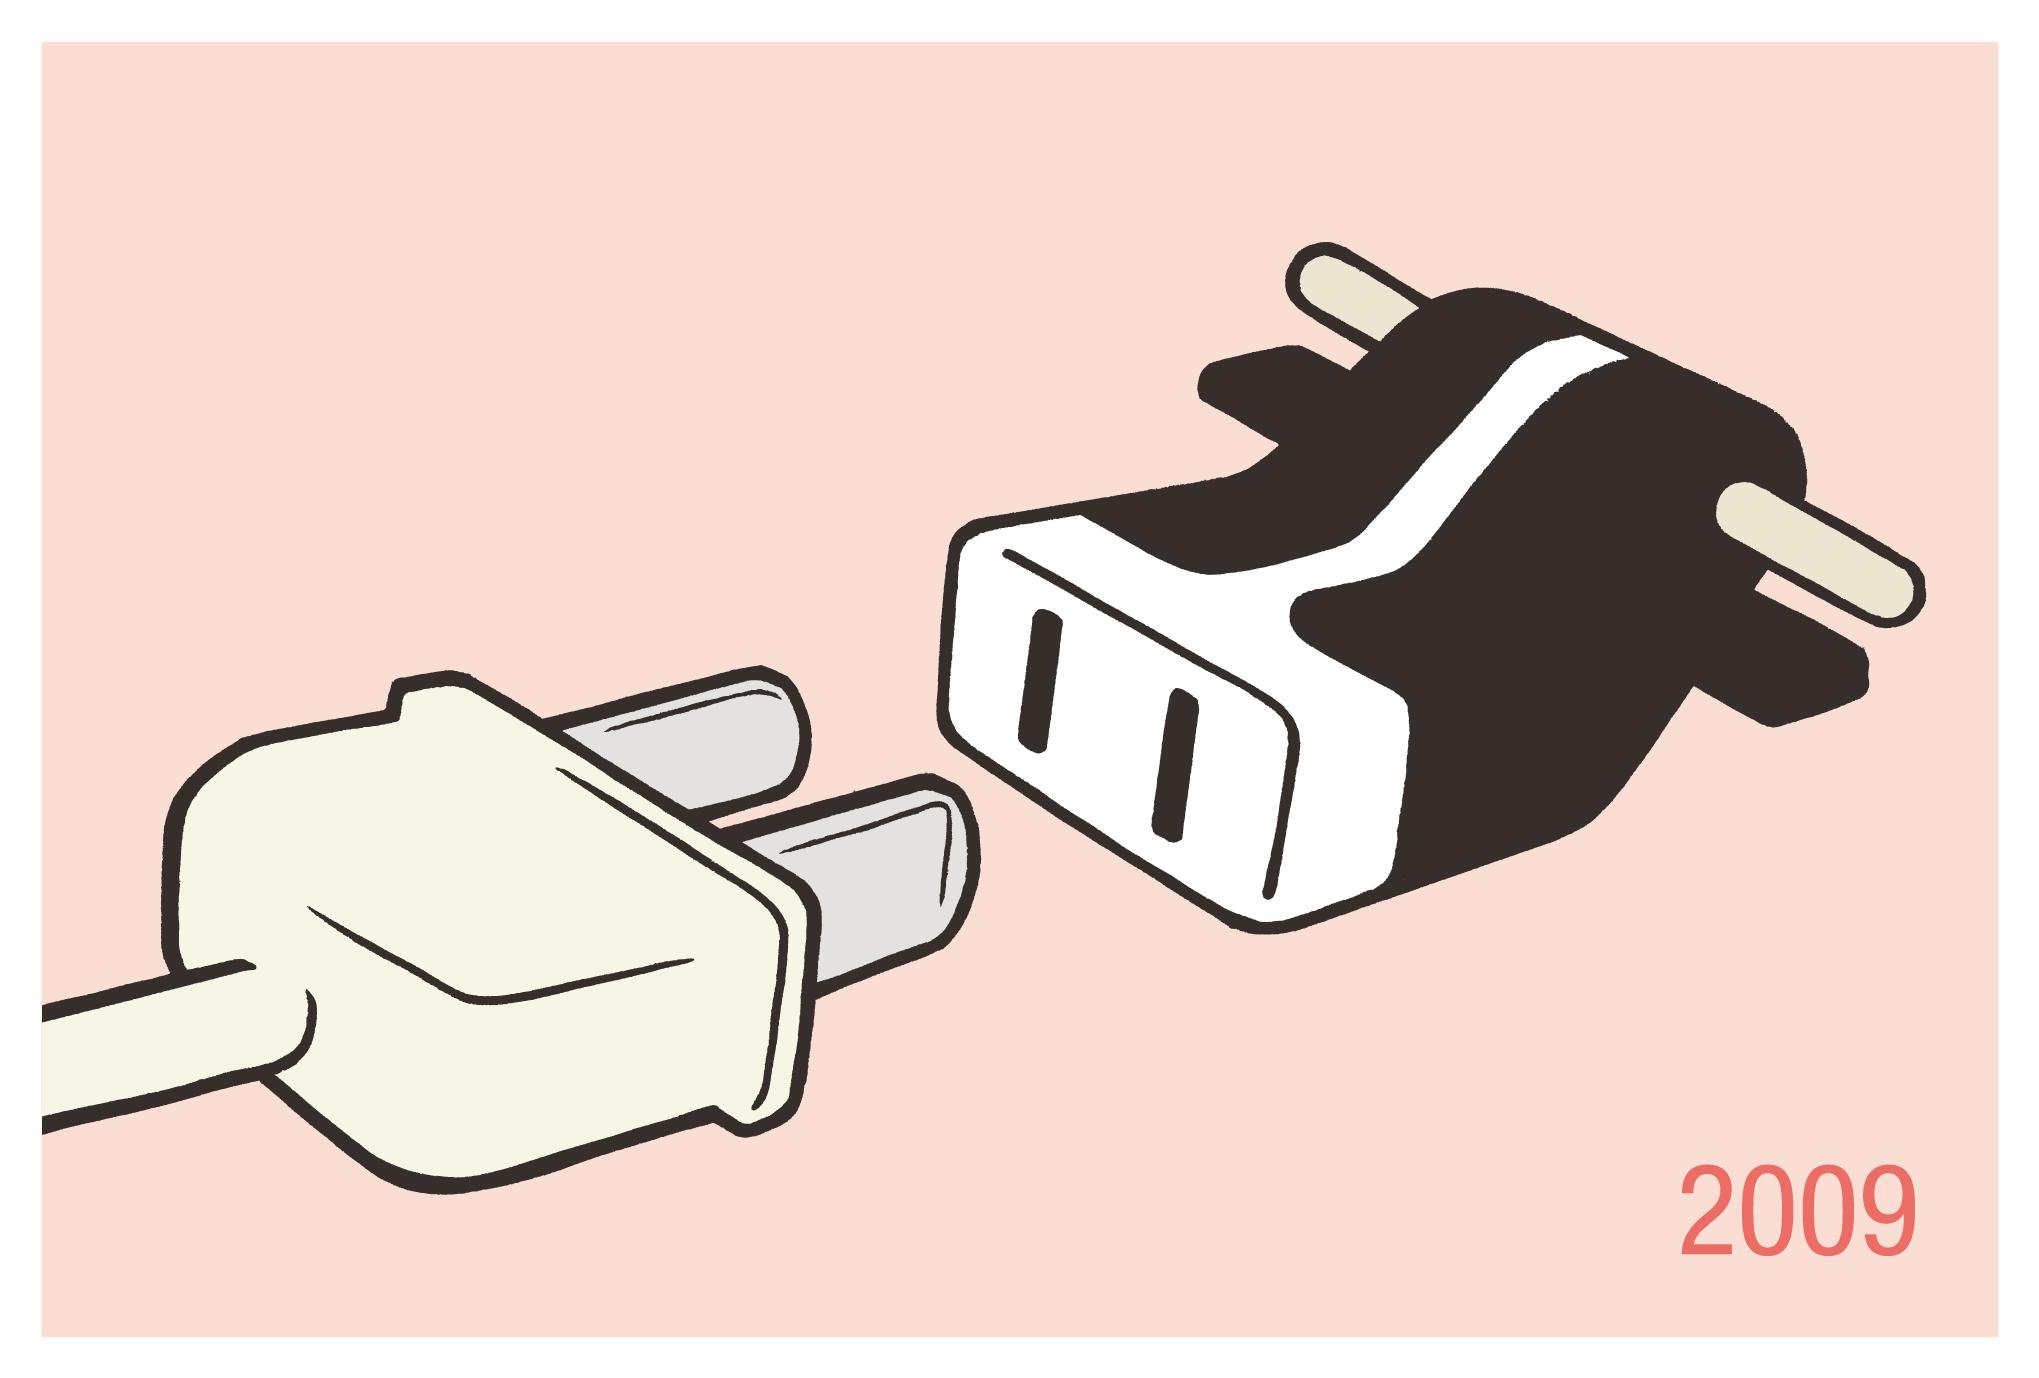 2009年賀状28:牛のコンセントのダウンロード画像